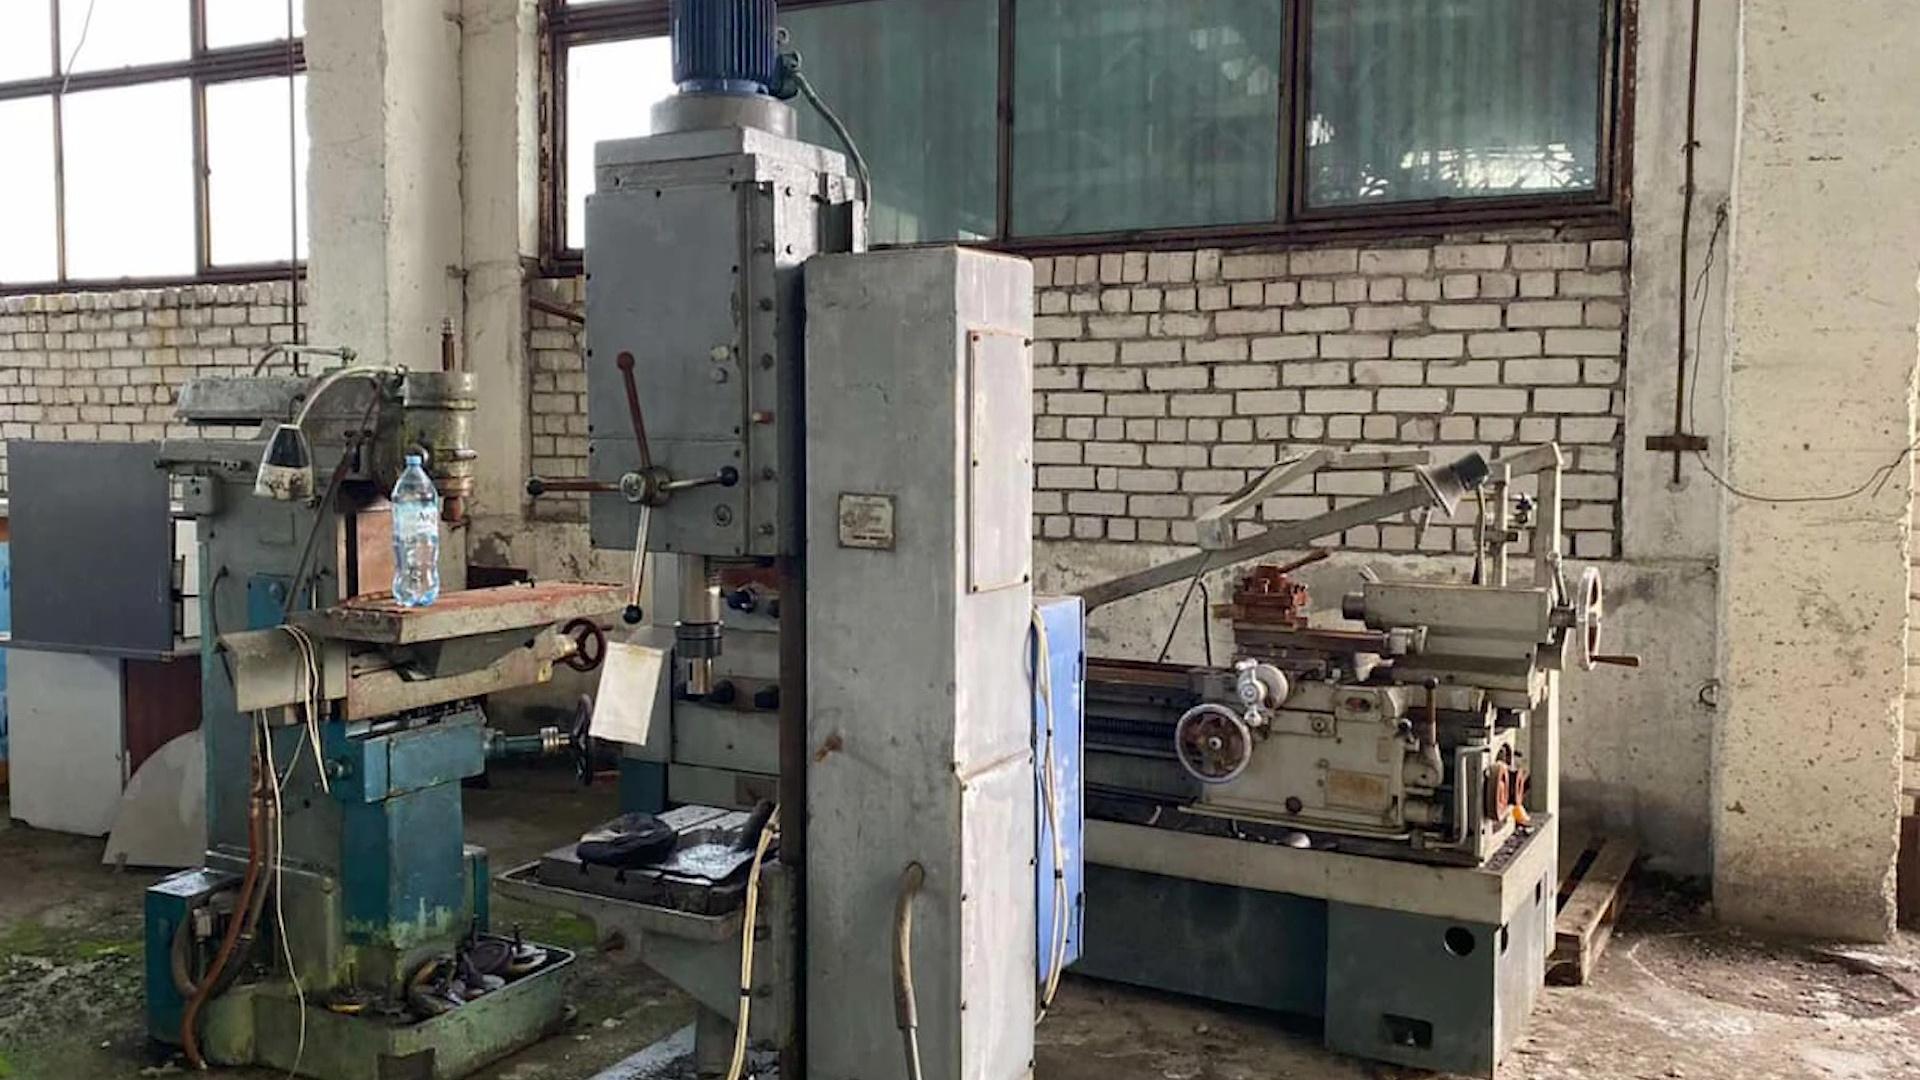 Ярославский предприниматель нелегально организовал производство оружия